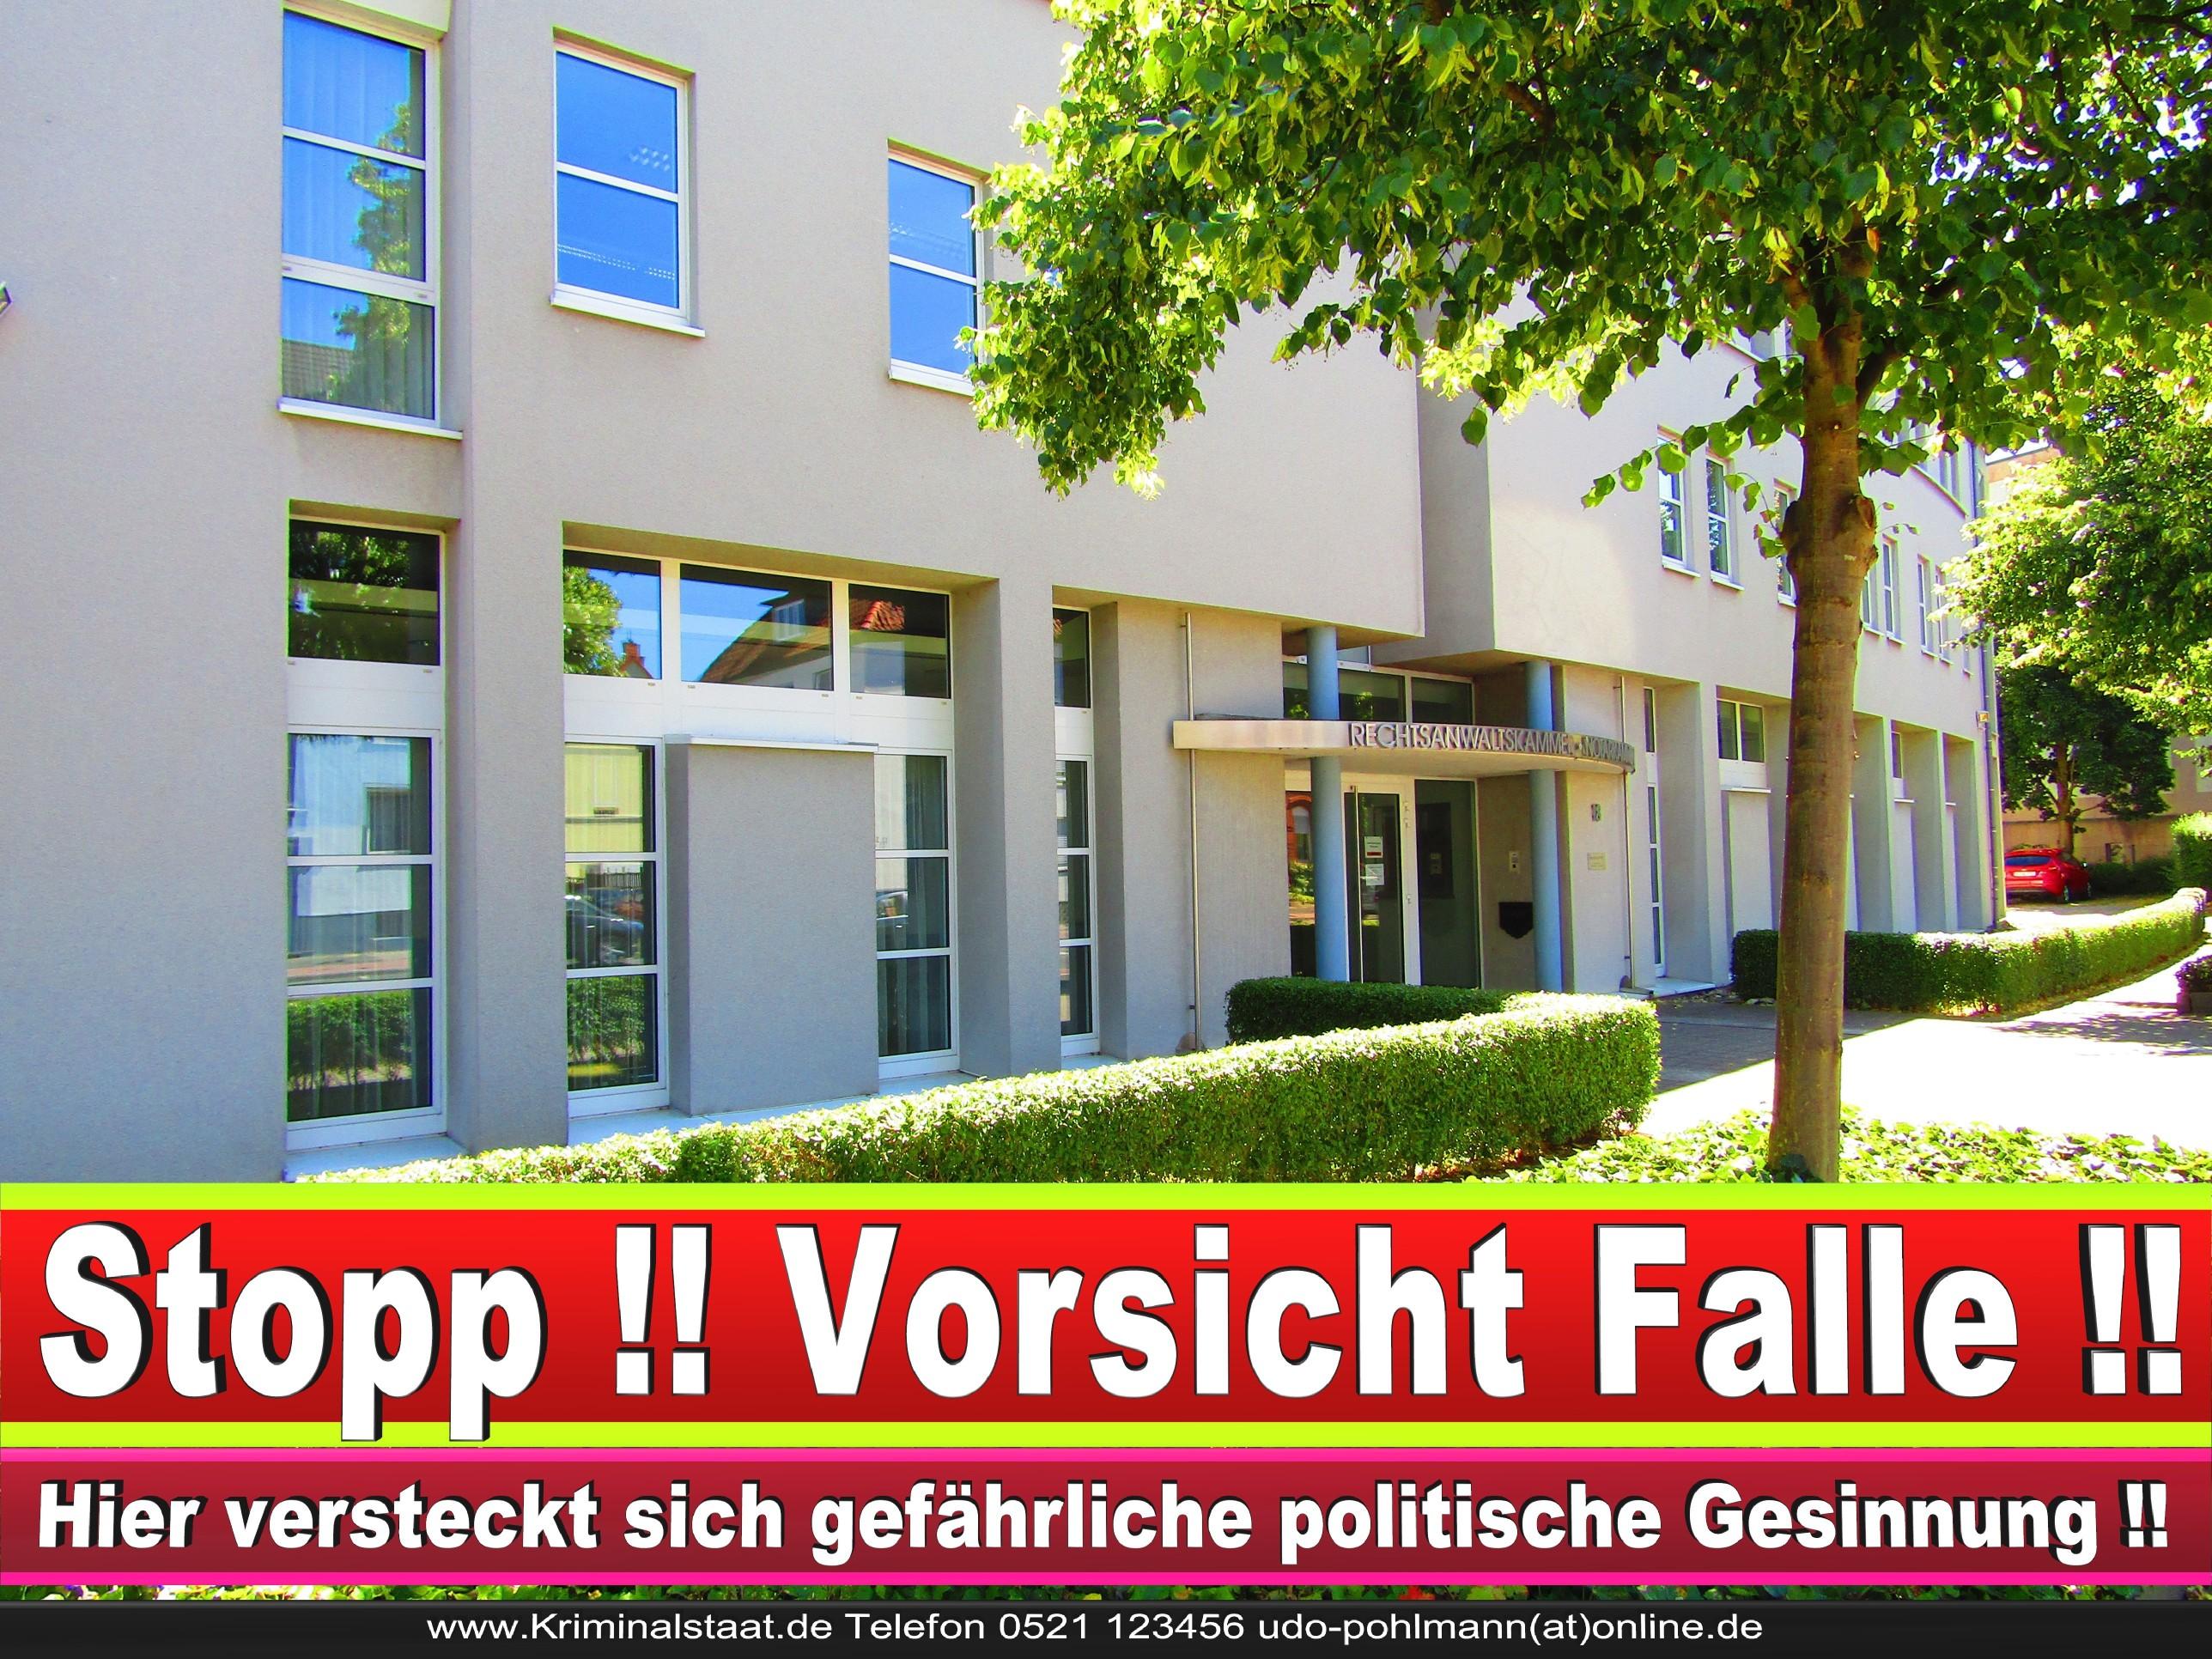 Rechtsanwaltskammer Hamm NRW Justizminister Rechtsanwalt Notar Vermögensverfall Urteil Rechtsprechung CDU SPD FDP Berufsordnung Rechtsanwälte Rechtsprechung (13)